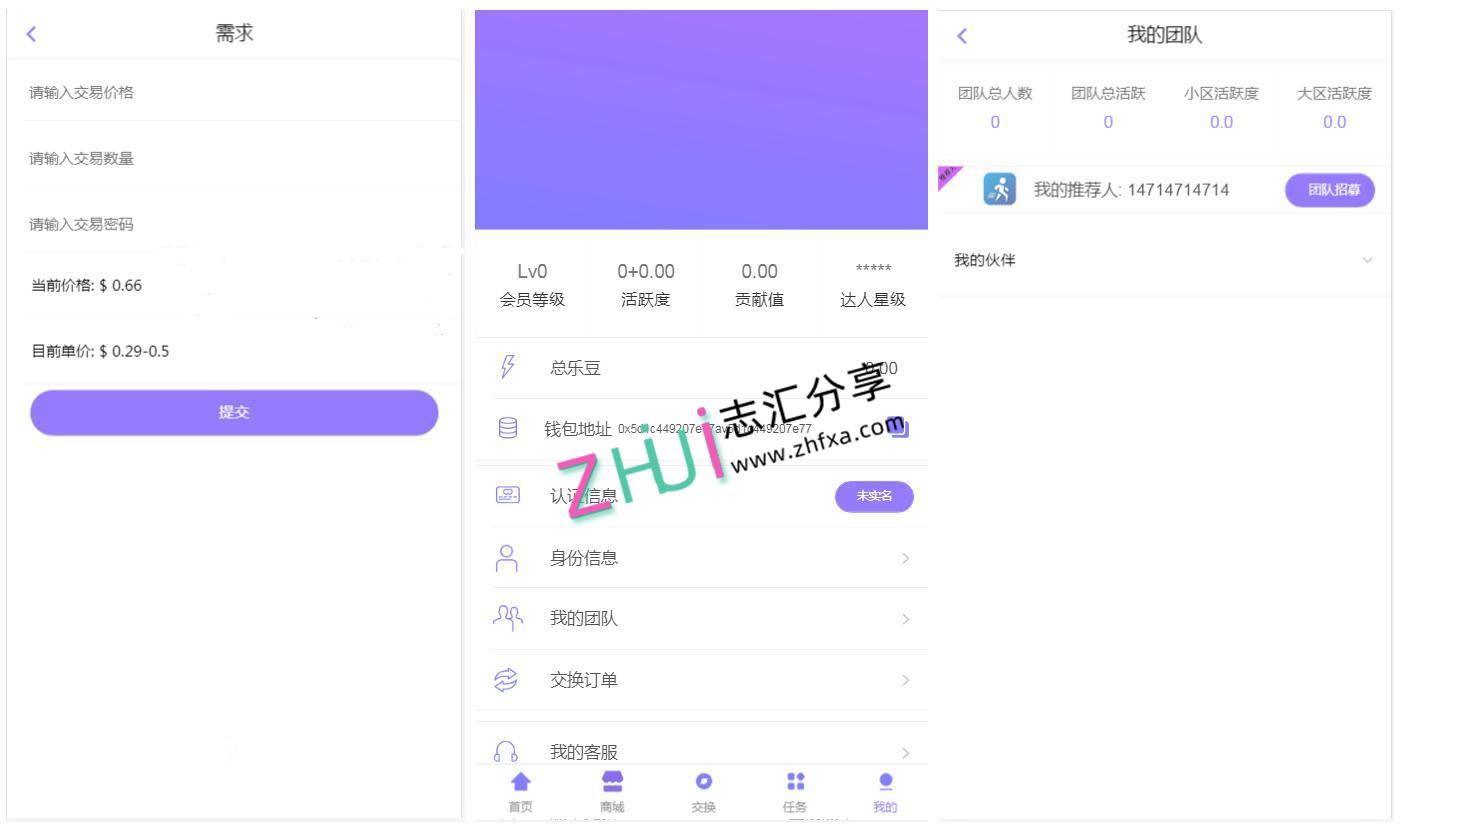 乐步2.0走路赚钱区块链完整网站源码+教程,可打包app